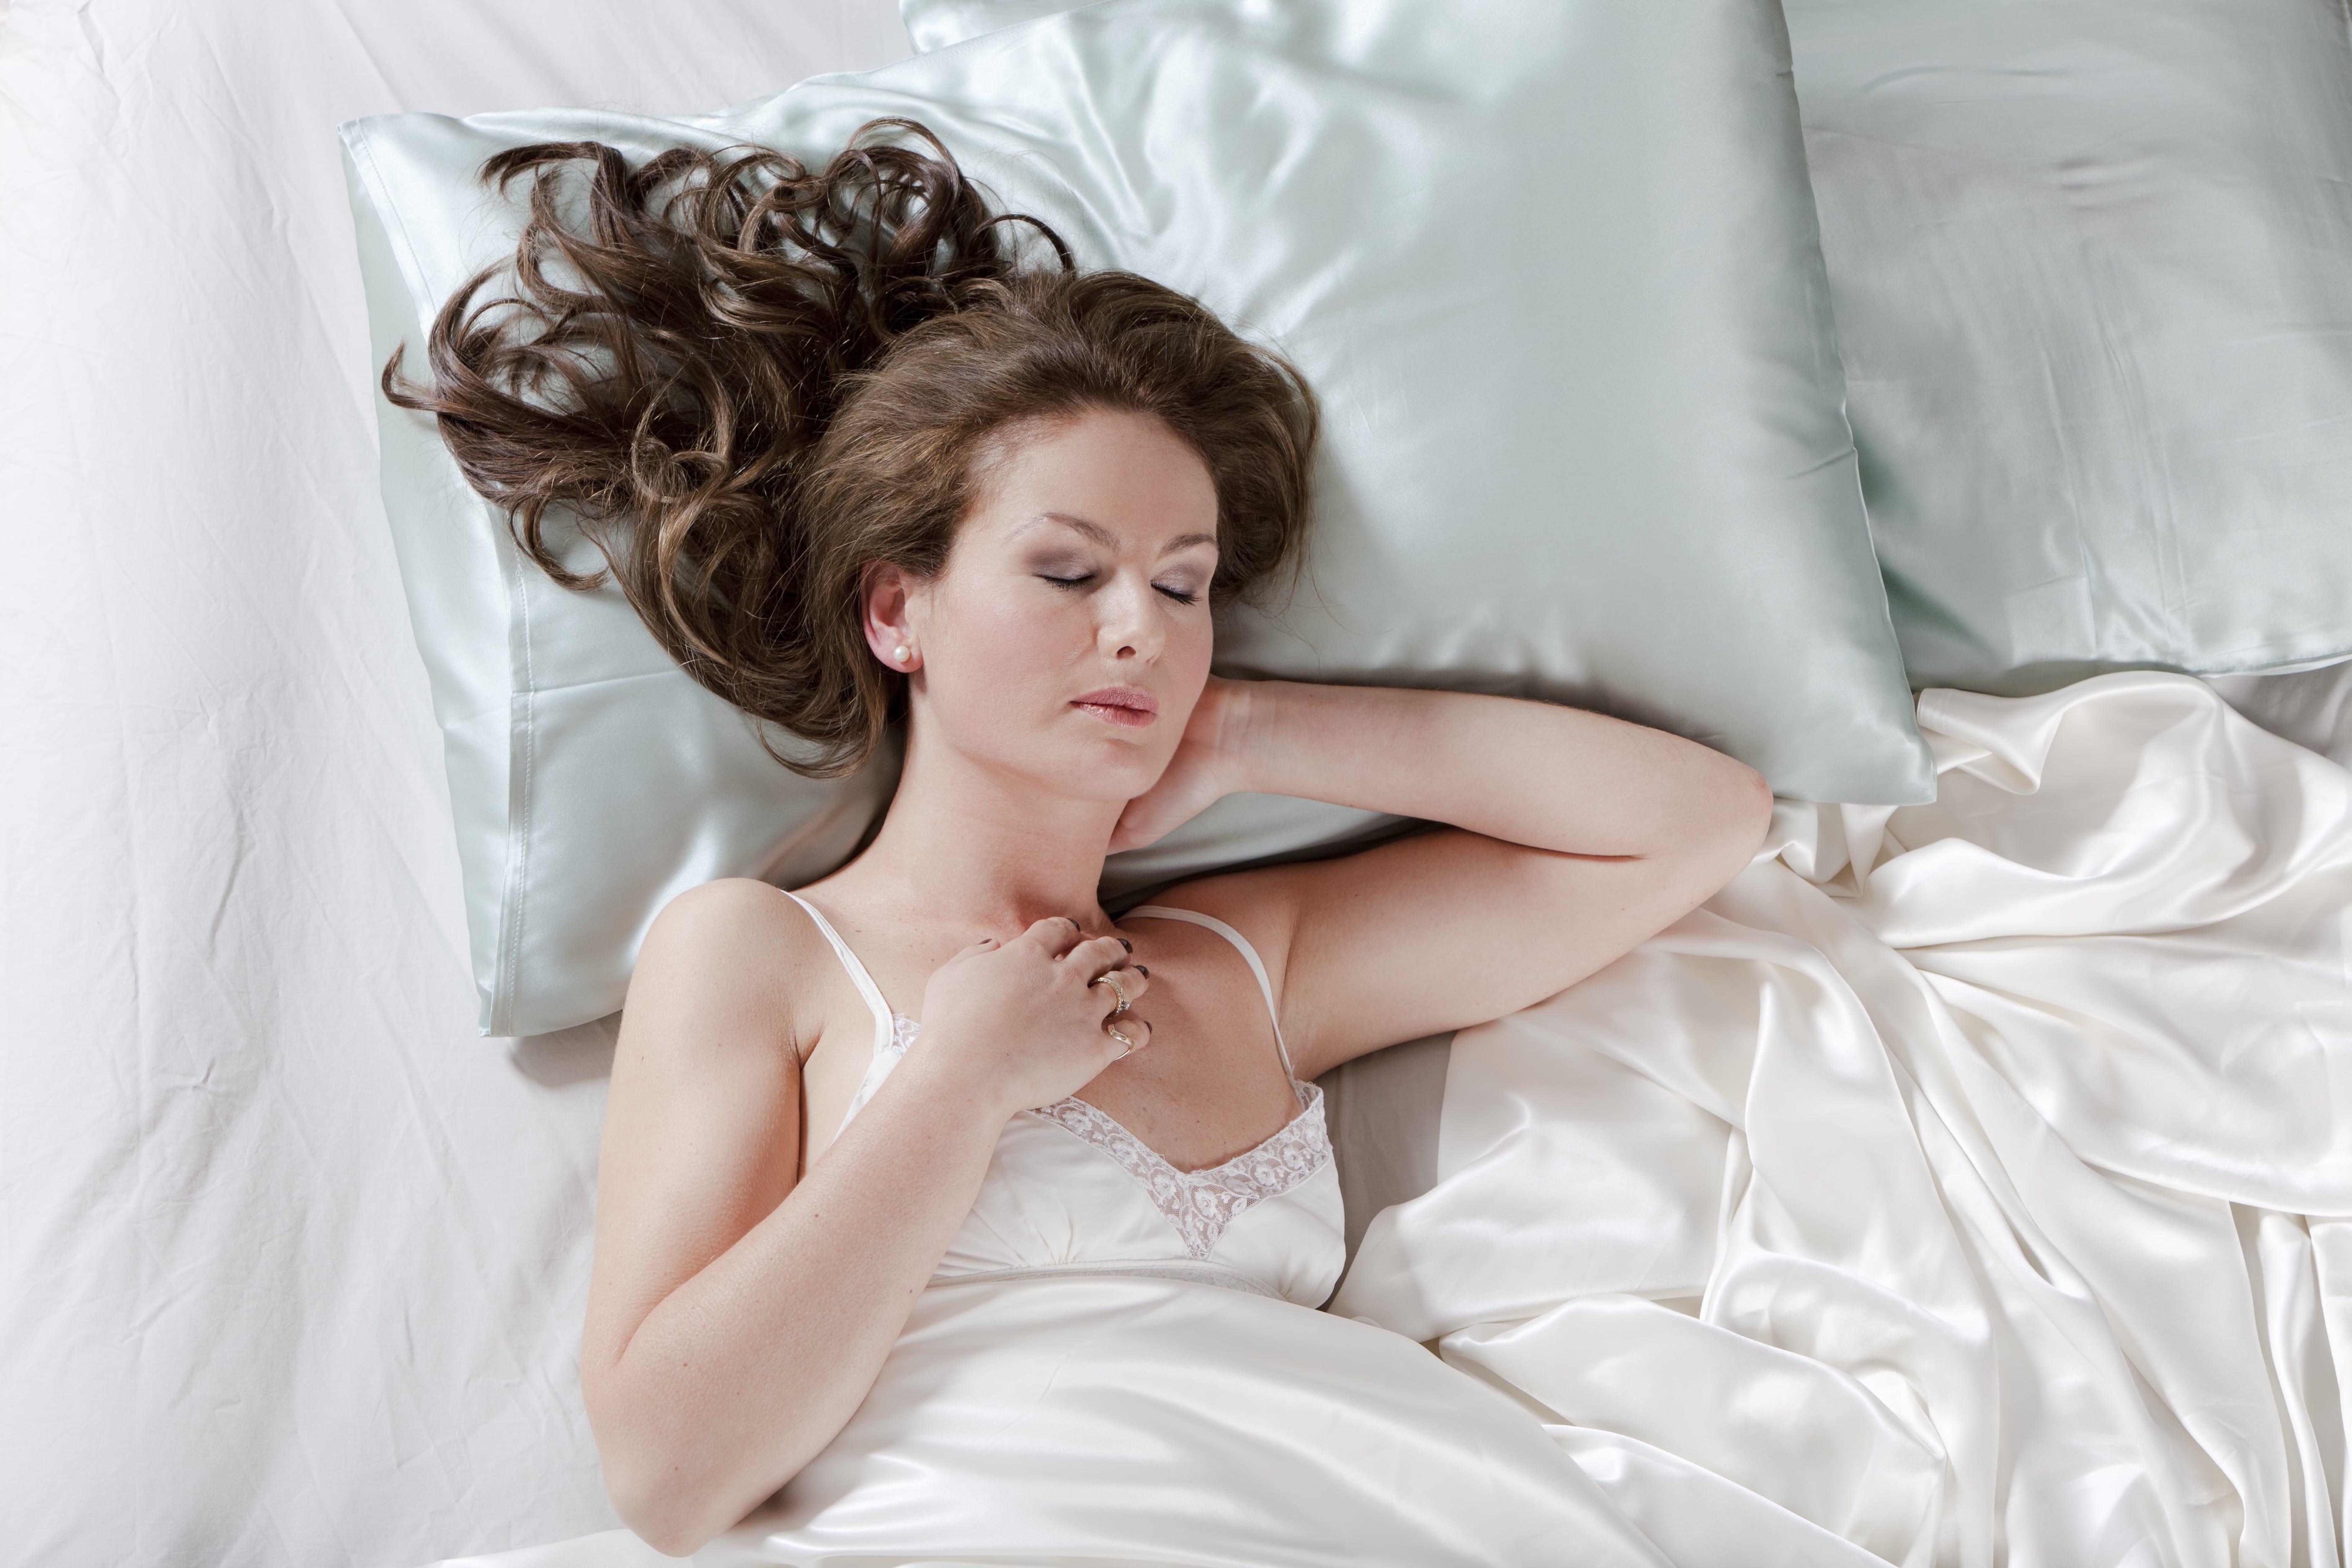 Femme aux longs cheveux bruns ondulés, allongée dans son lit avec des draps de soie.